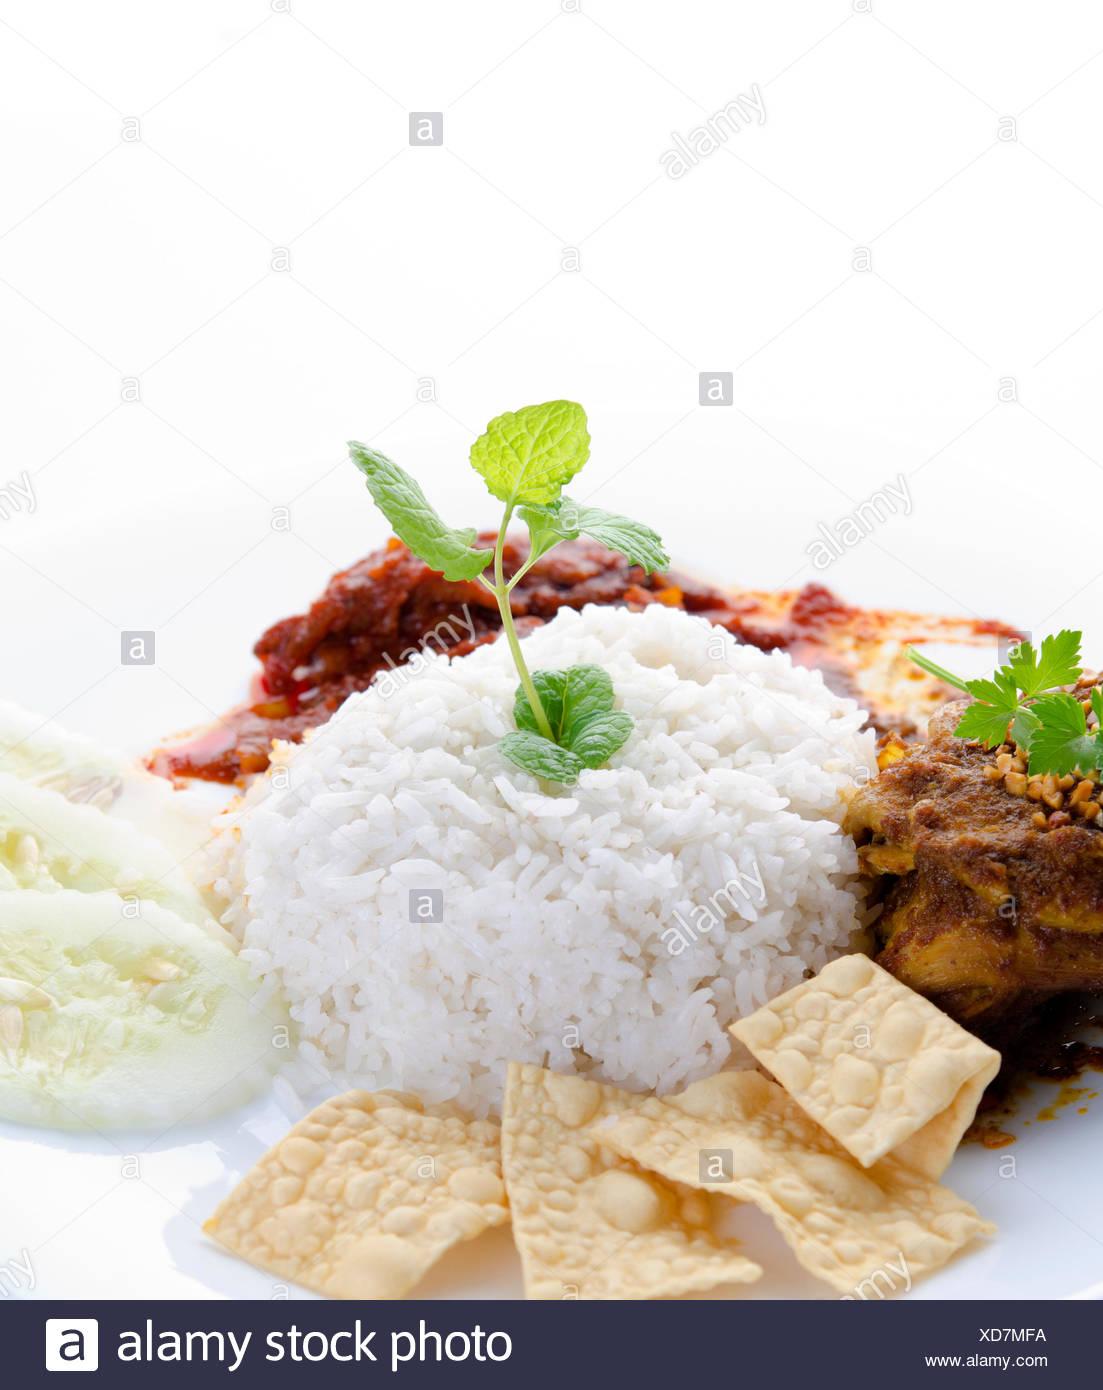 Ayam Stock Photos & Ayam Stock Images - Alamy